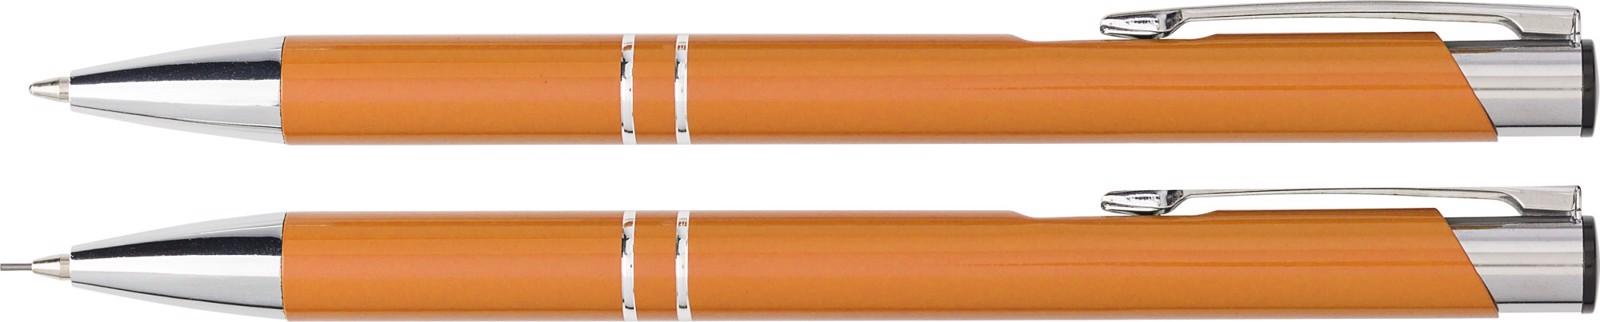 Aluminium writing set - Orange